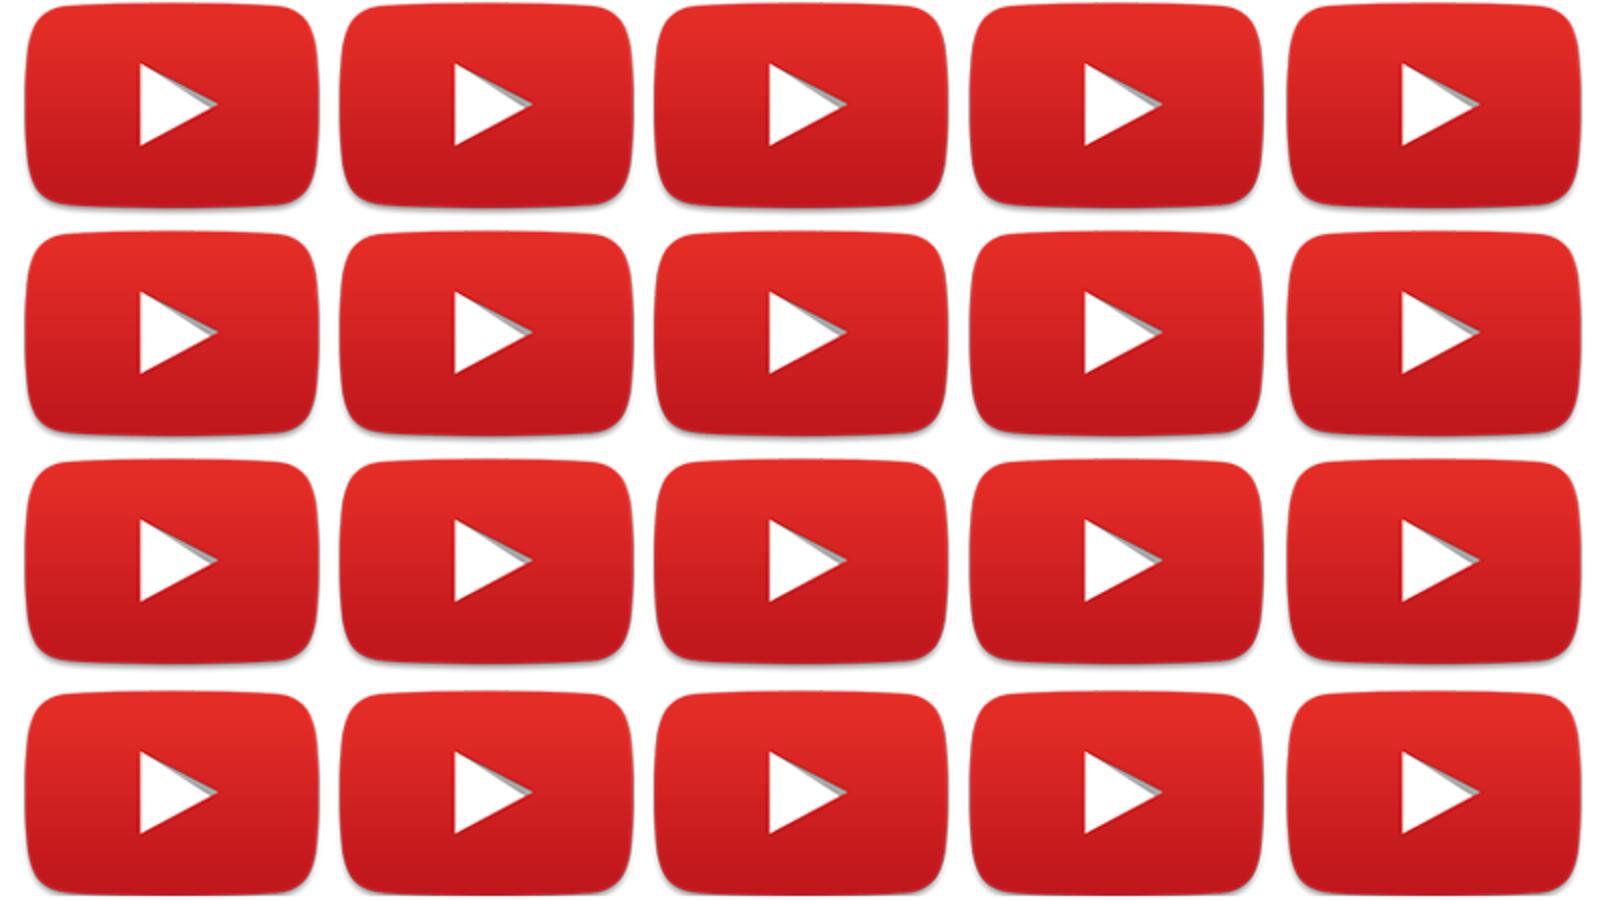 Cuándo se acabarán las IDs disponibles para asignar a cada vídeo de YouTube